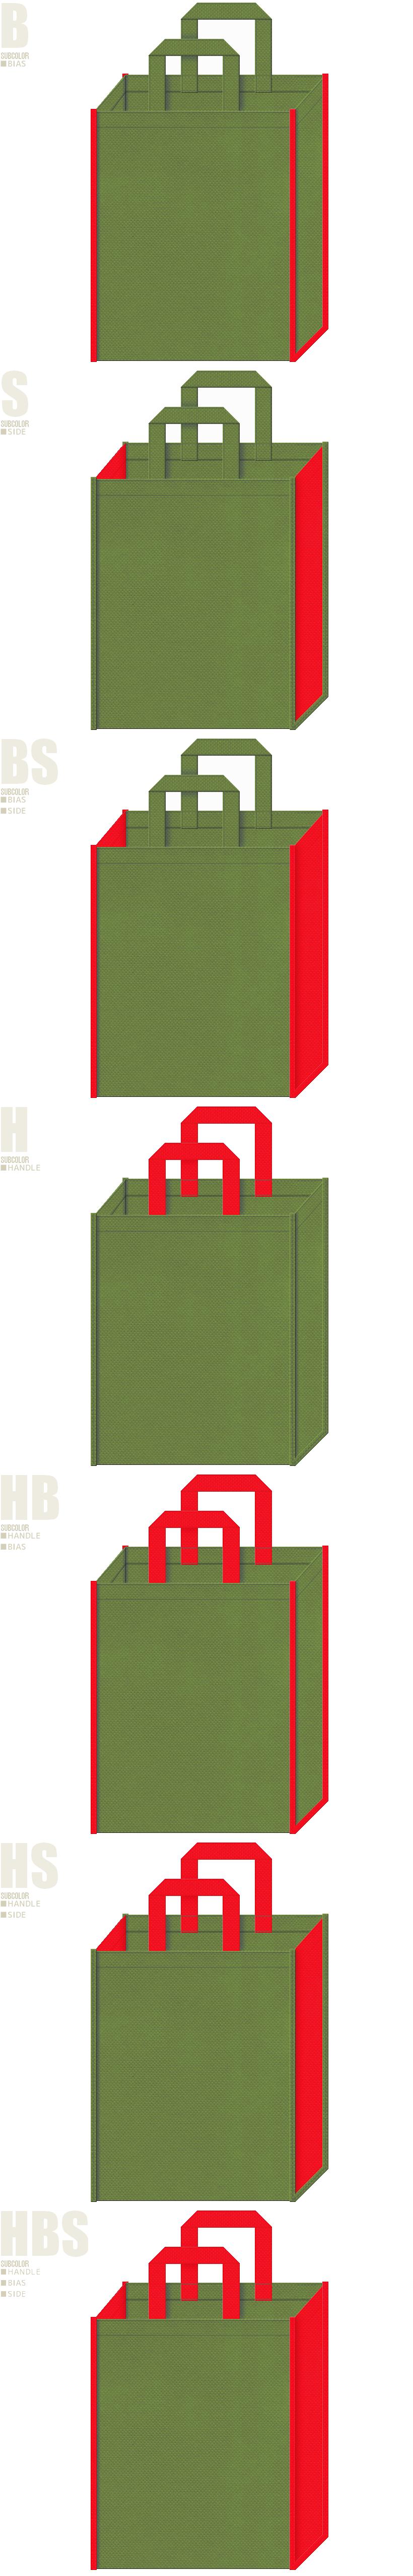 野点傘・番傘・和傘・茶会・邦楽演奏会・和風庭園・和風催事にお奨めの不織布バッグデザイン:草色と赤色の配色7パターン